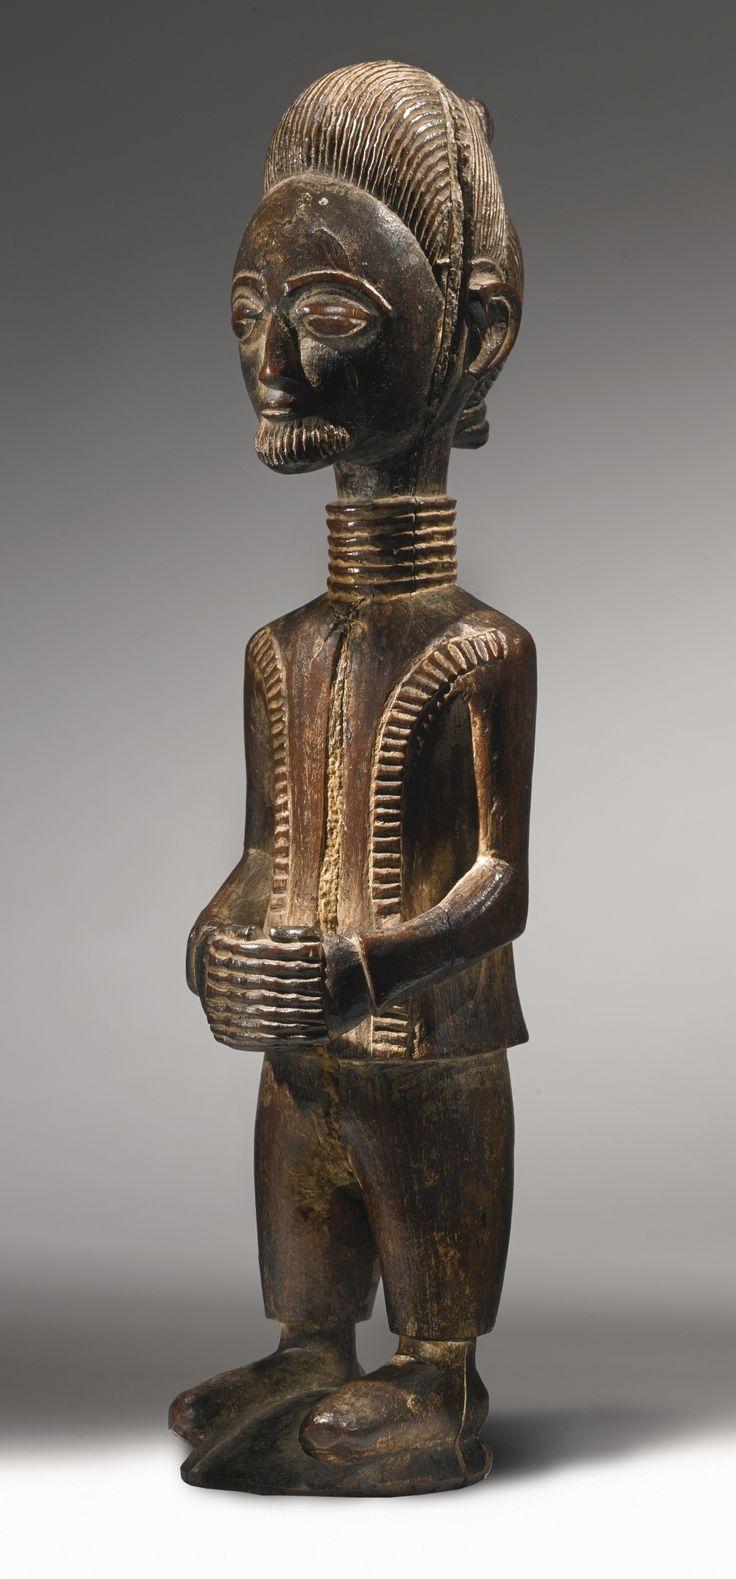 BAULE FIGURE, IVORY COAST Height: 9 5/8 in (24.4 cm) Estimate 6,000 — 9,000 USD